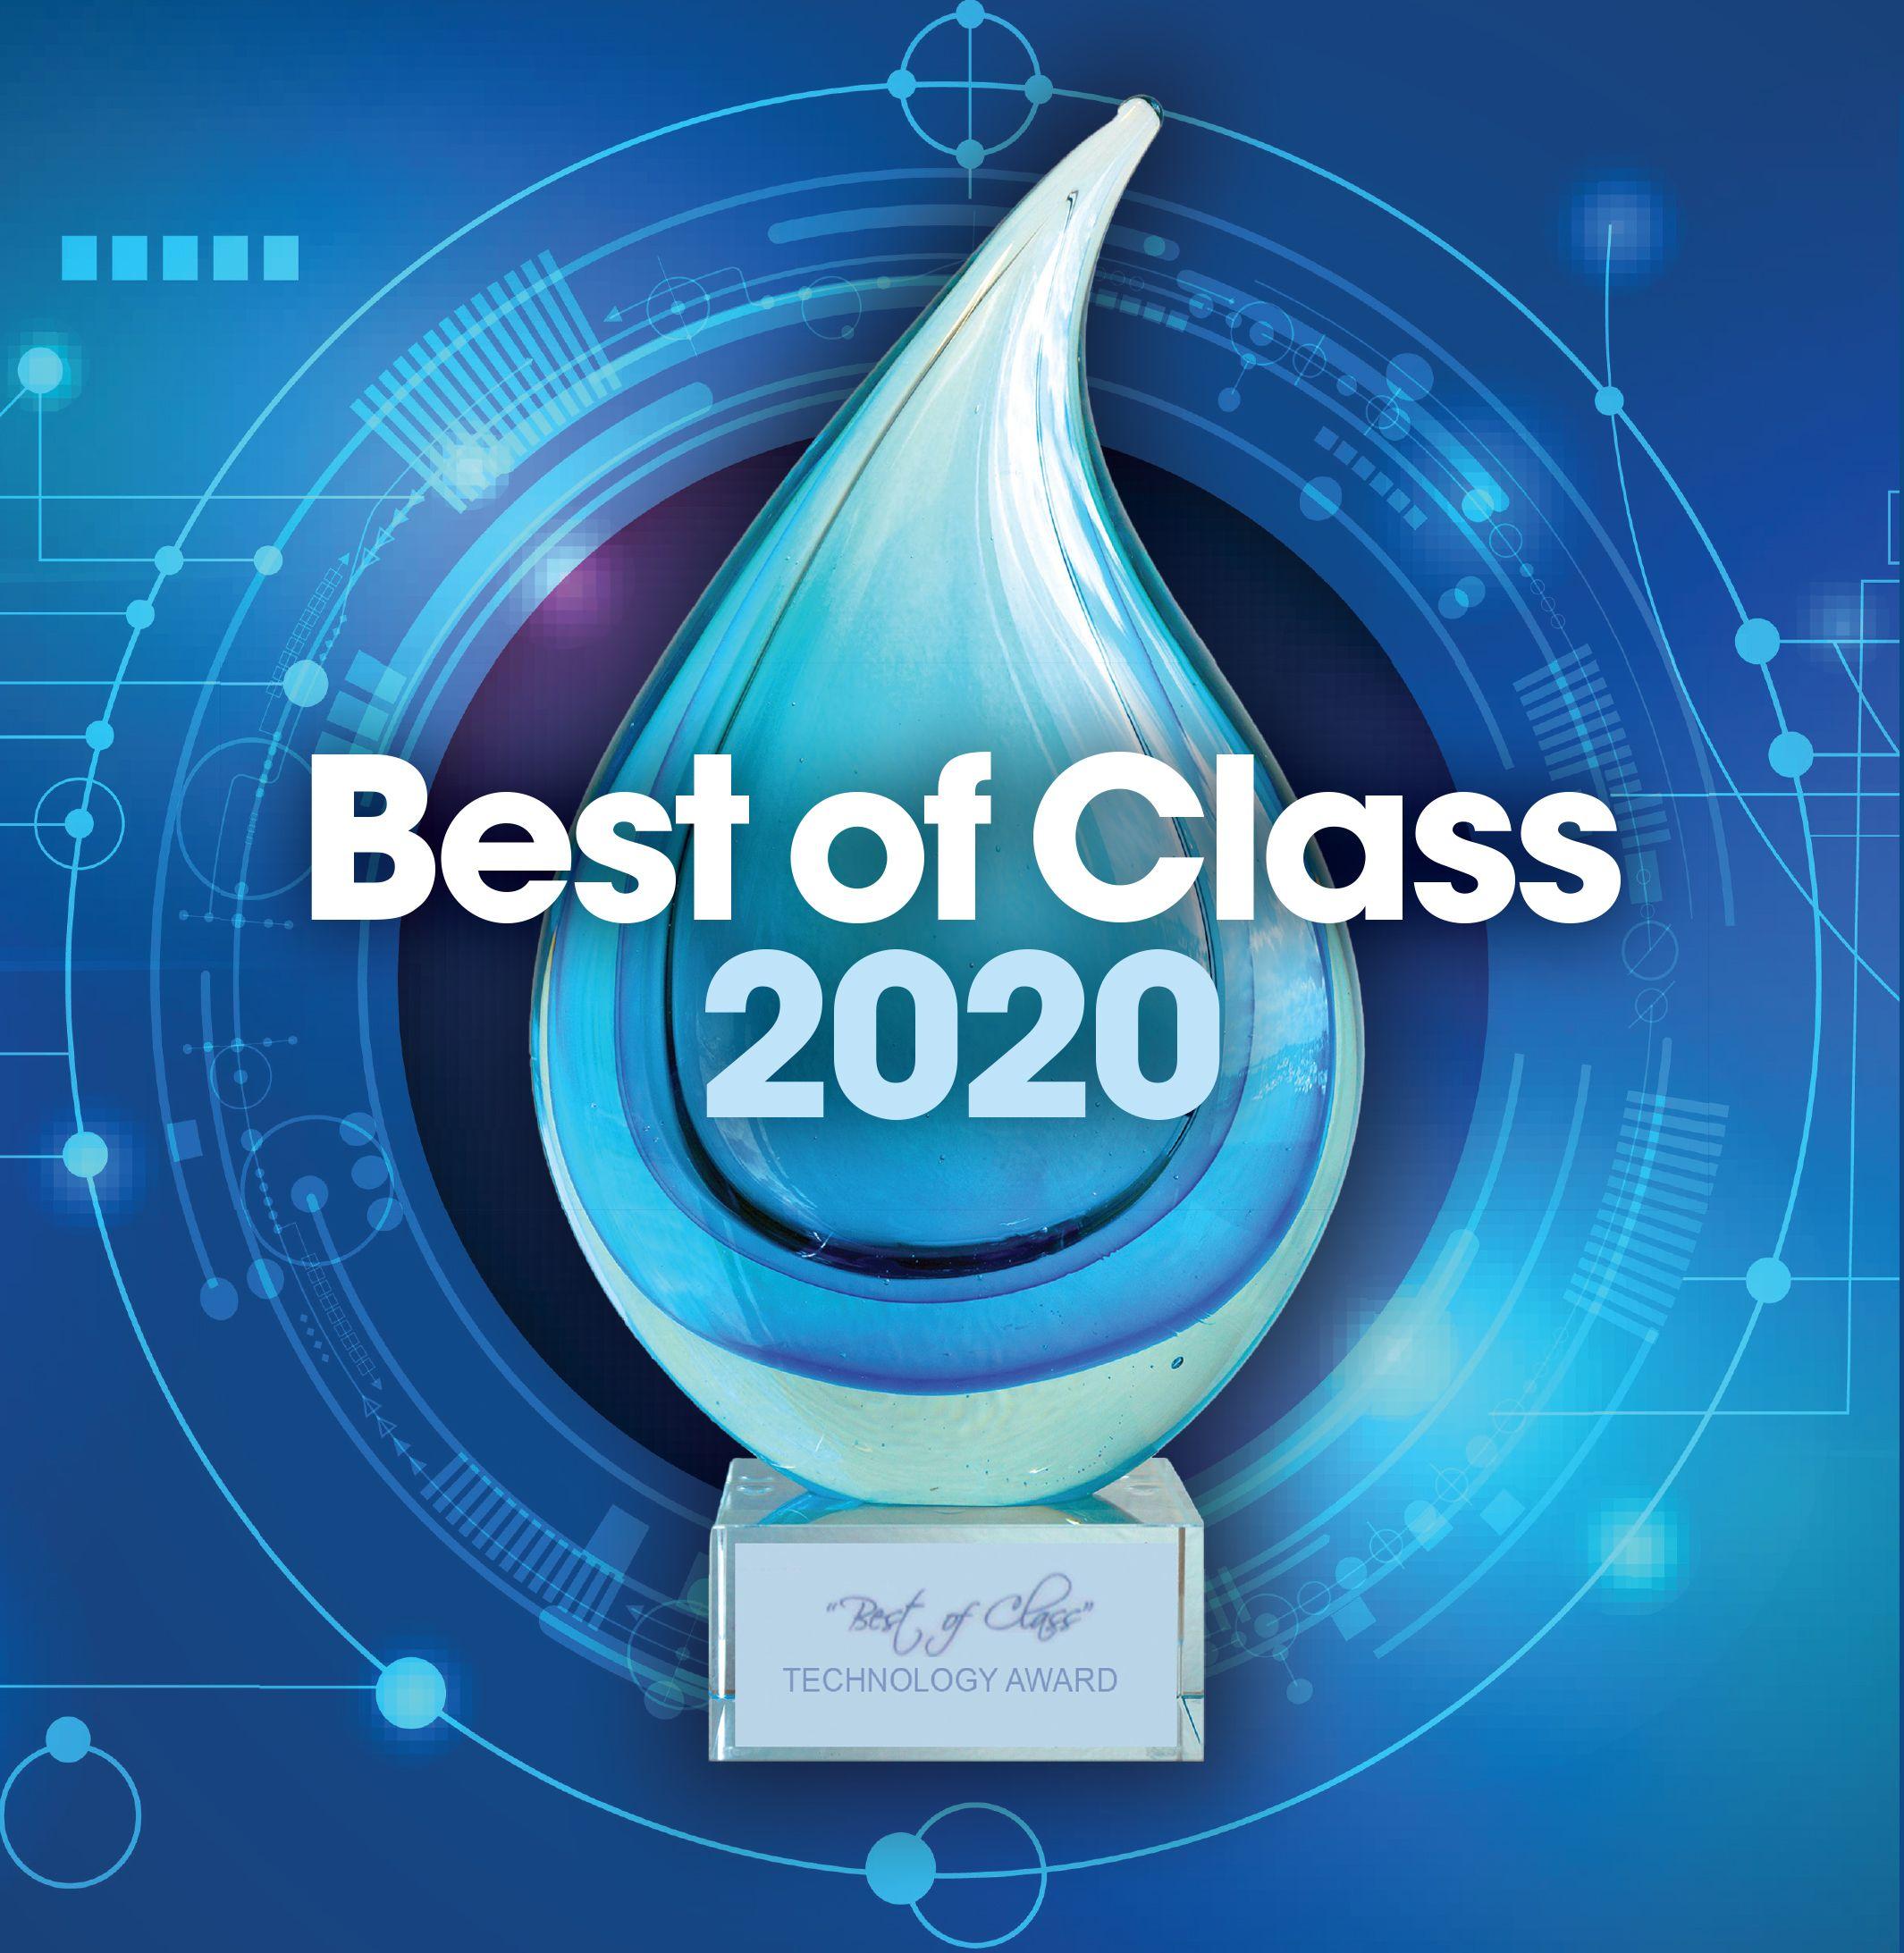 2020 Cellerant Best of Class Technology Awards